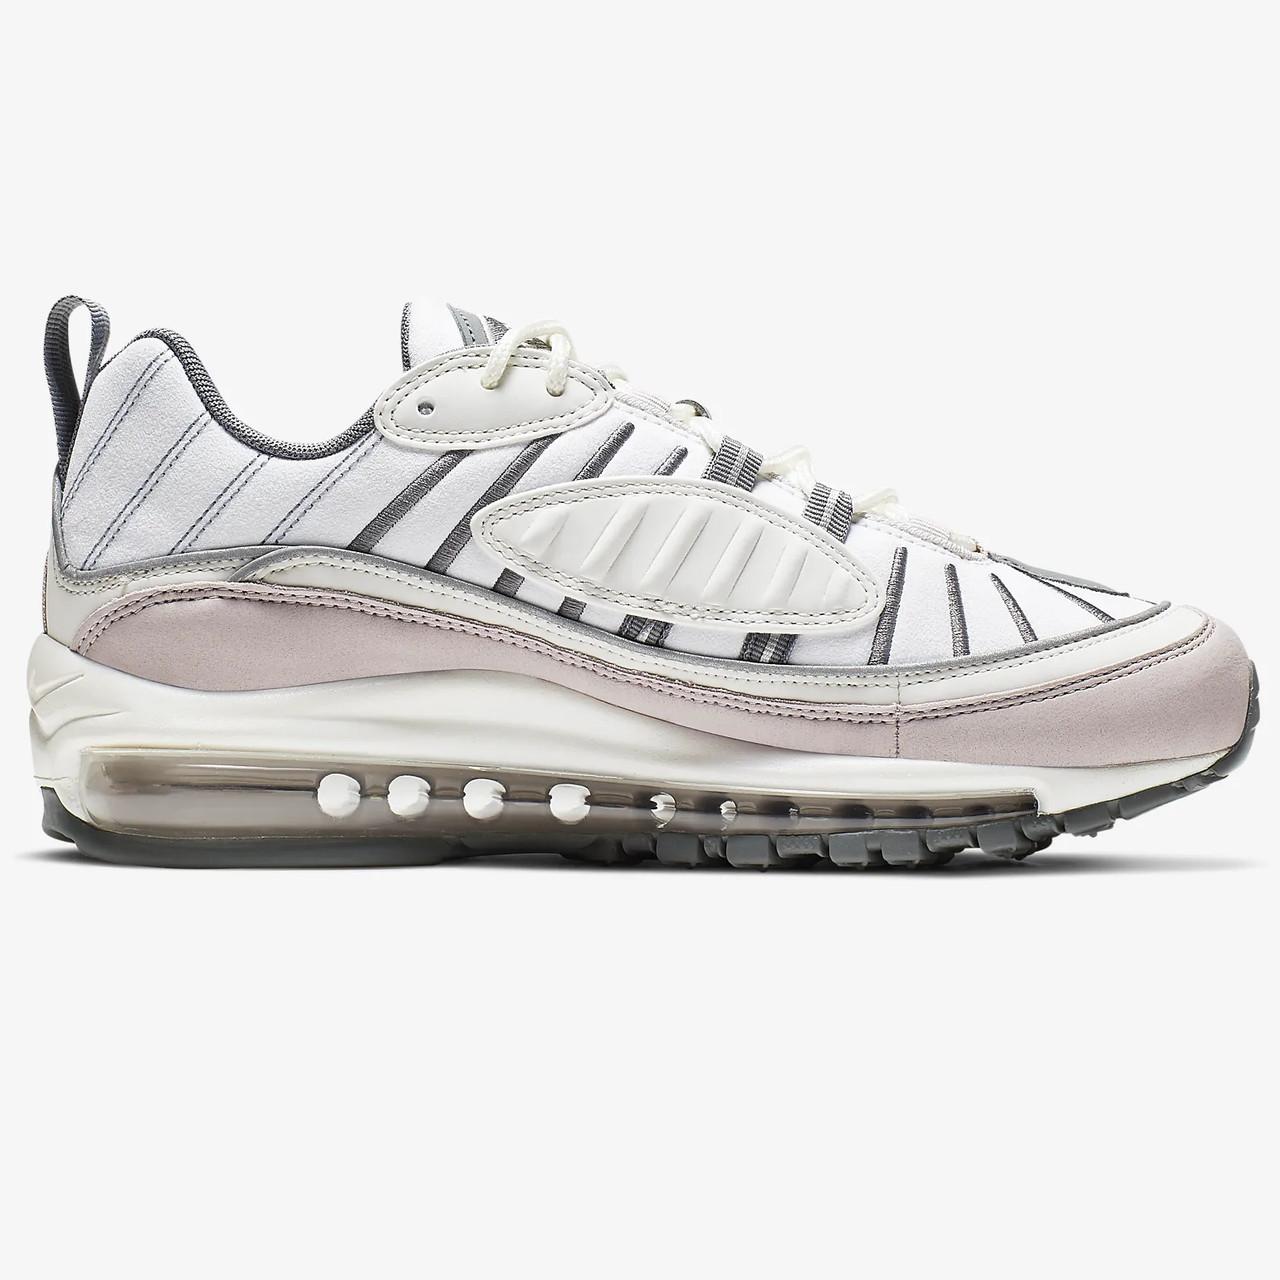 Оригинальные кроссовки (кеды) Nike Air Max 98 женские